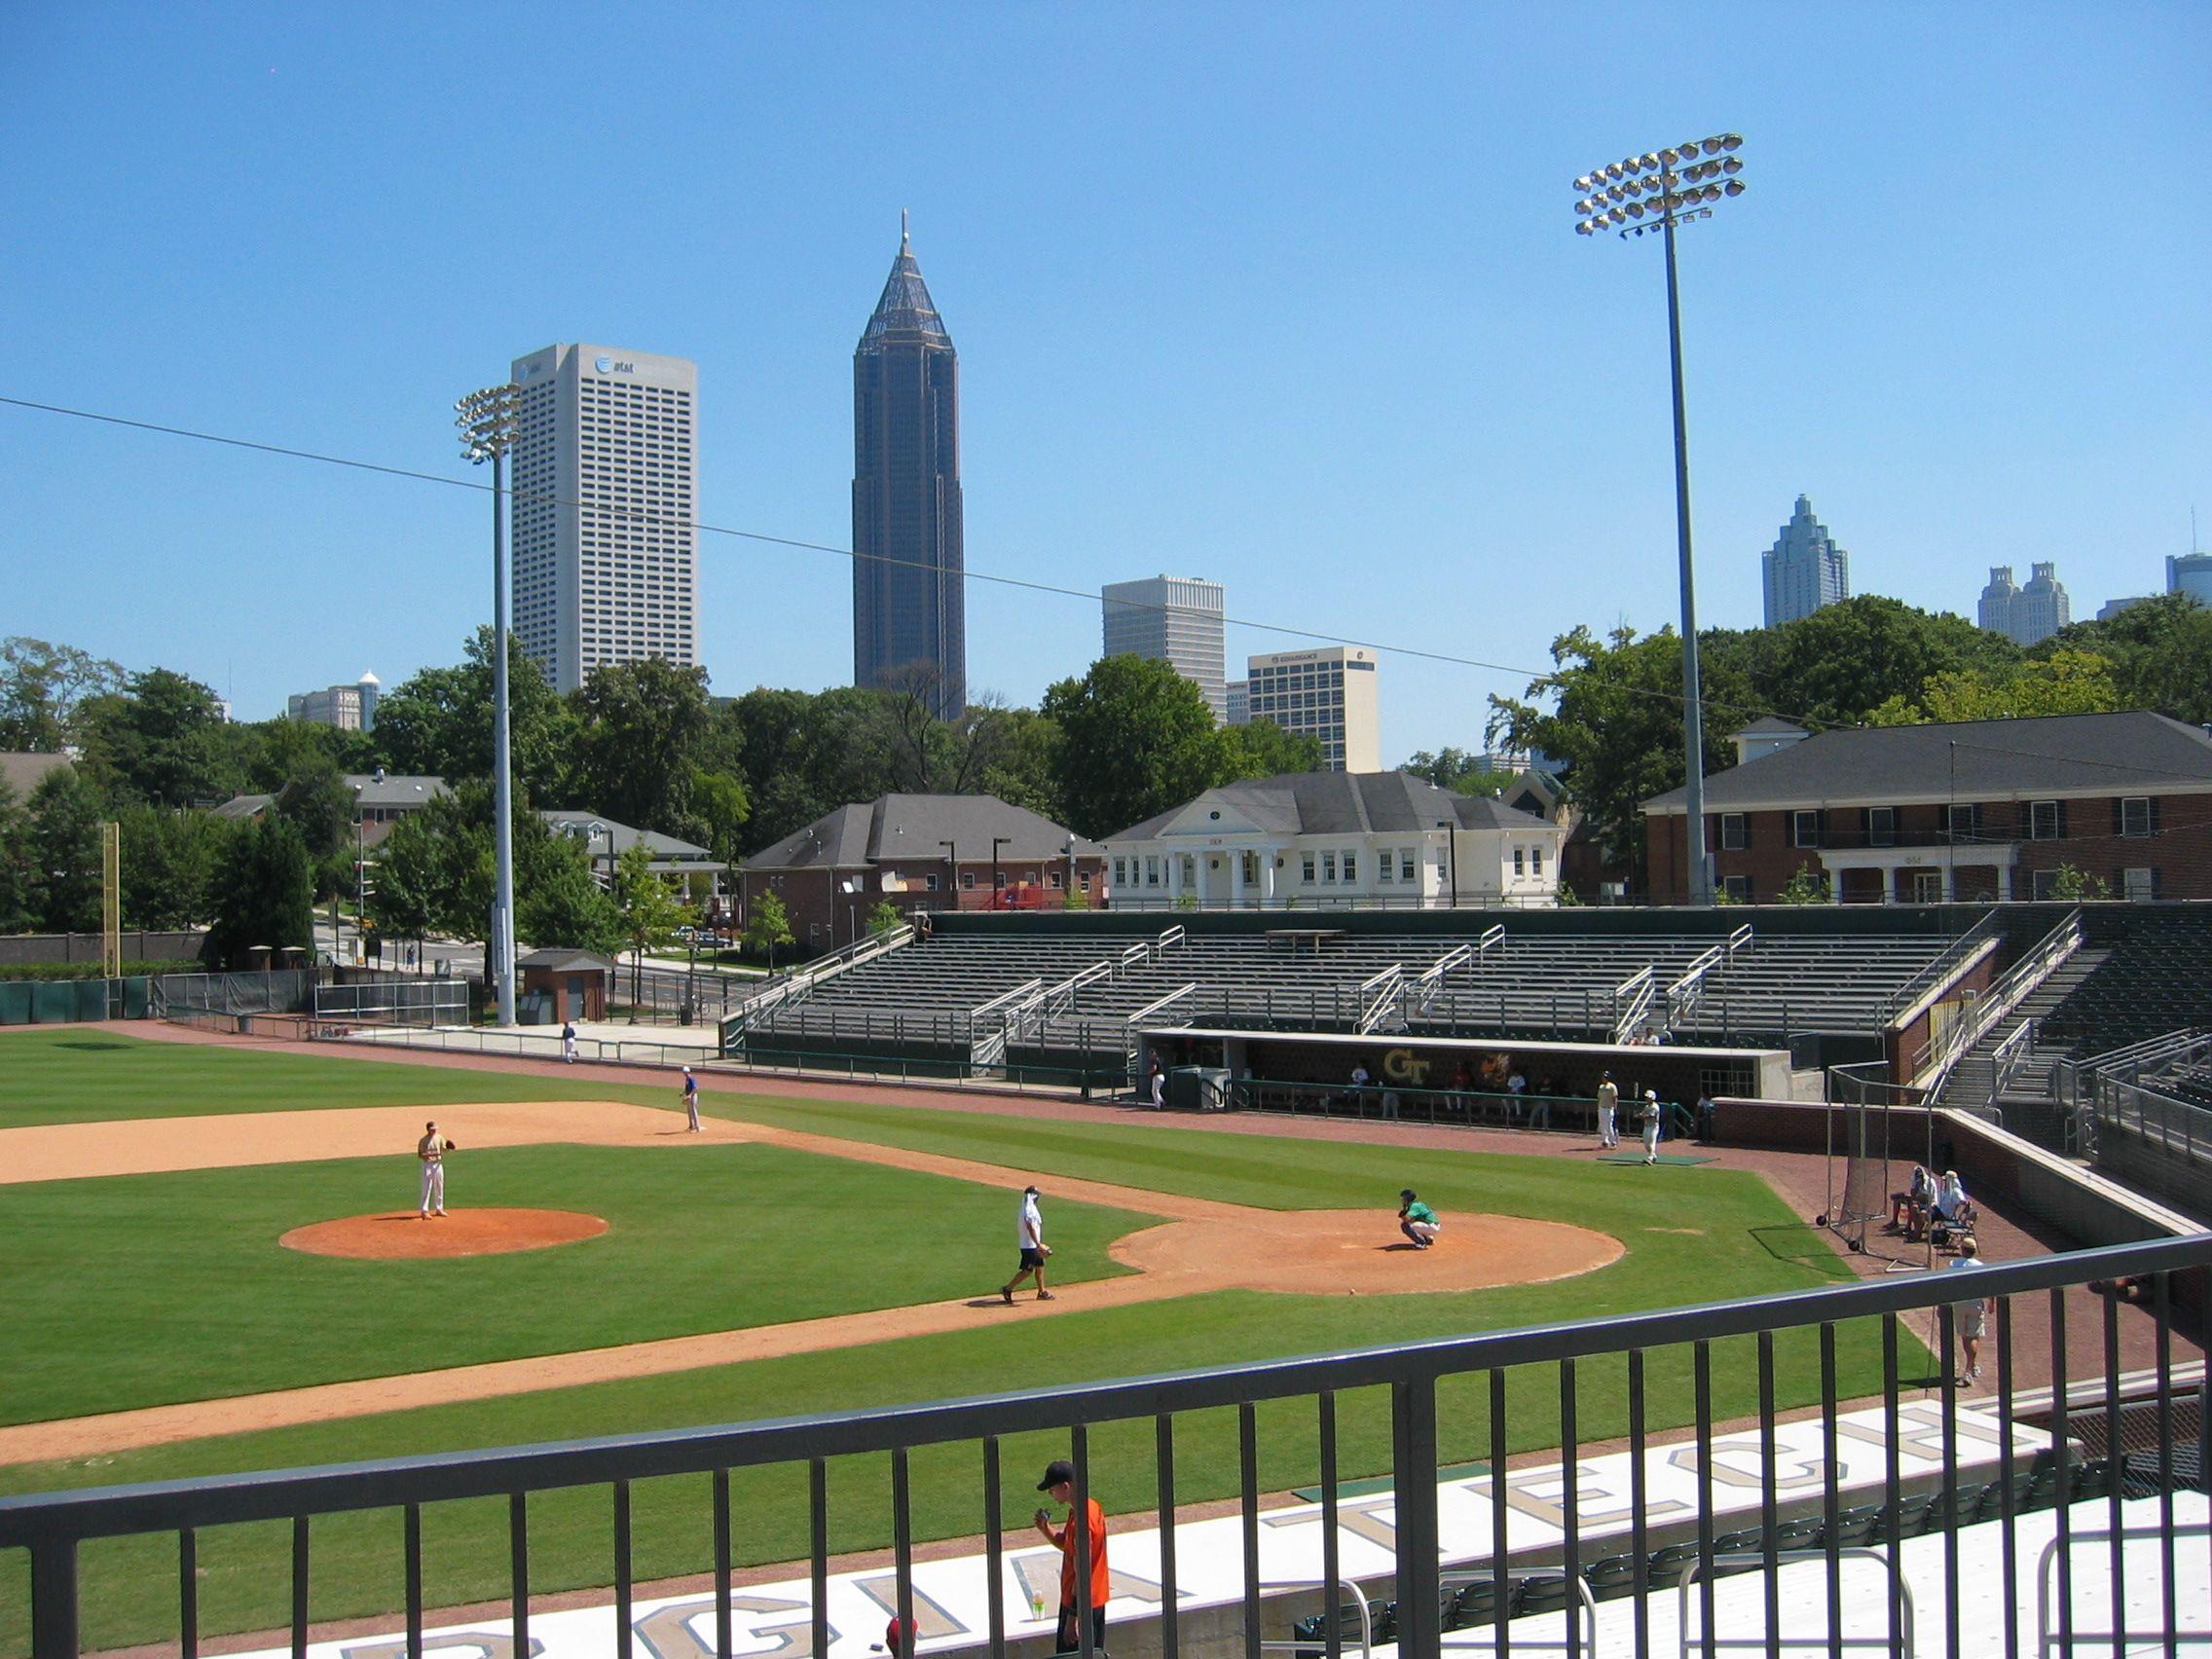 Russ Chandler Stadium, home of Tech Baseball, has